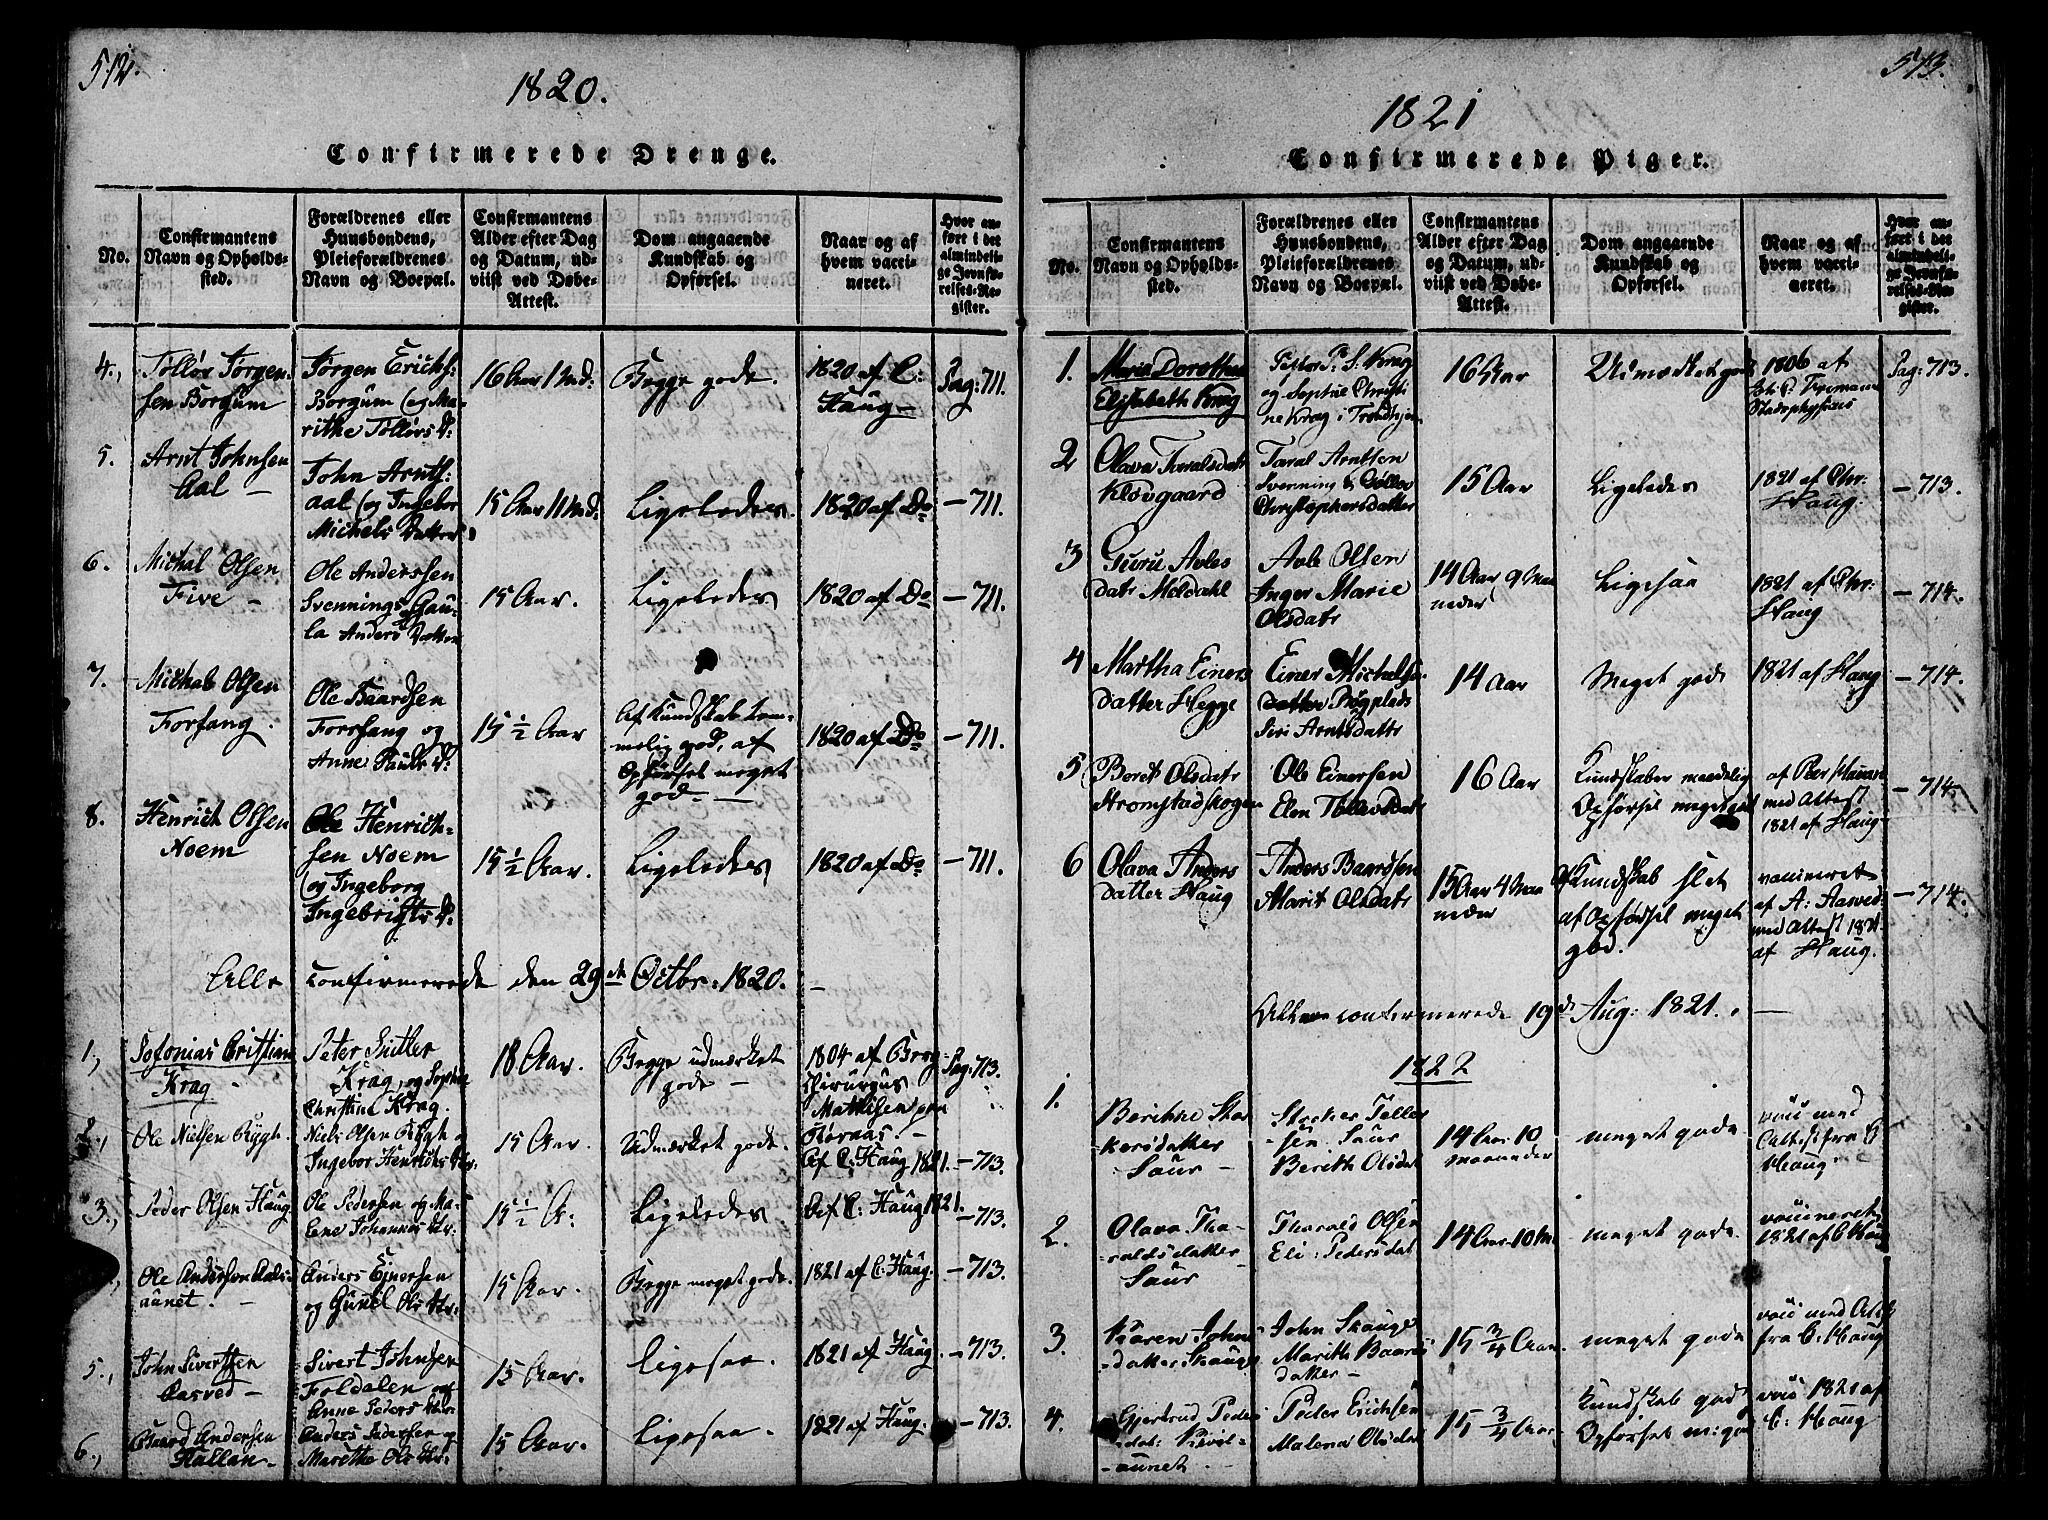 SAT, Ministerialprotokoller, klokkerbøker og fødselsregistre - Nord-Trøndelag, 746/L0441: Ministerialbok nr. 746A03 /2, 1816-1827, s. 512-513